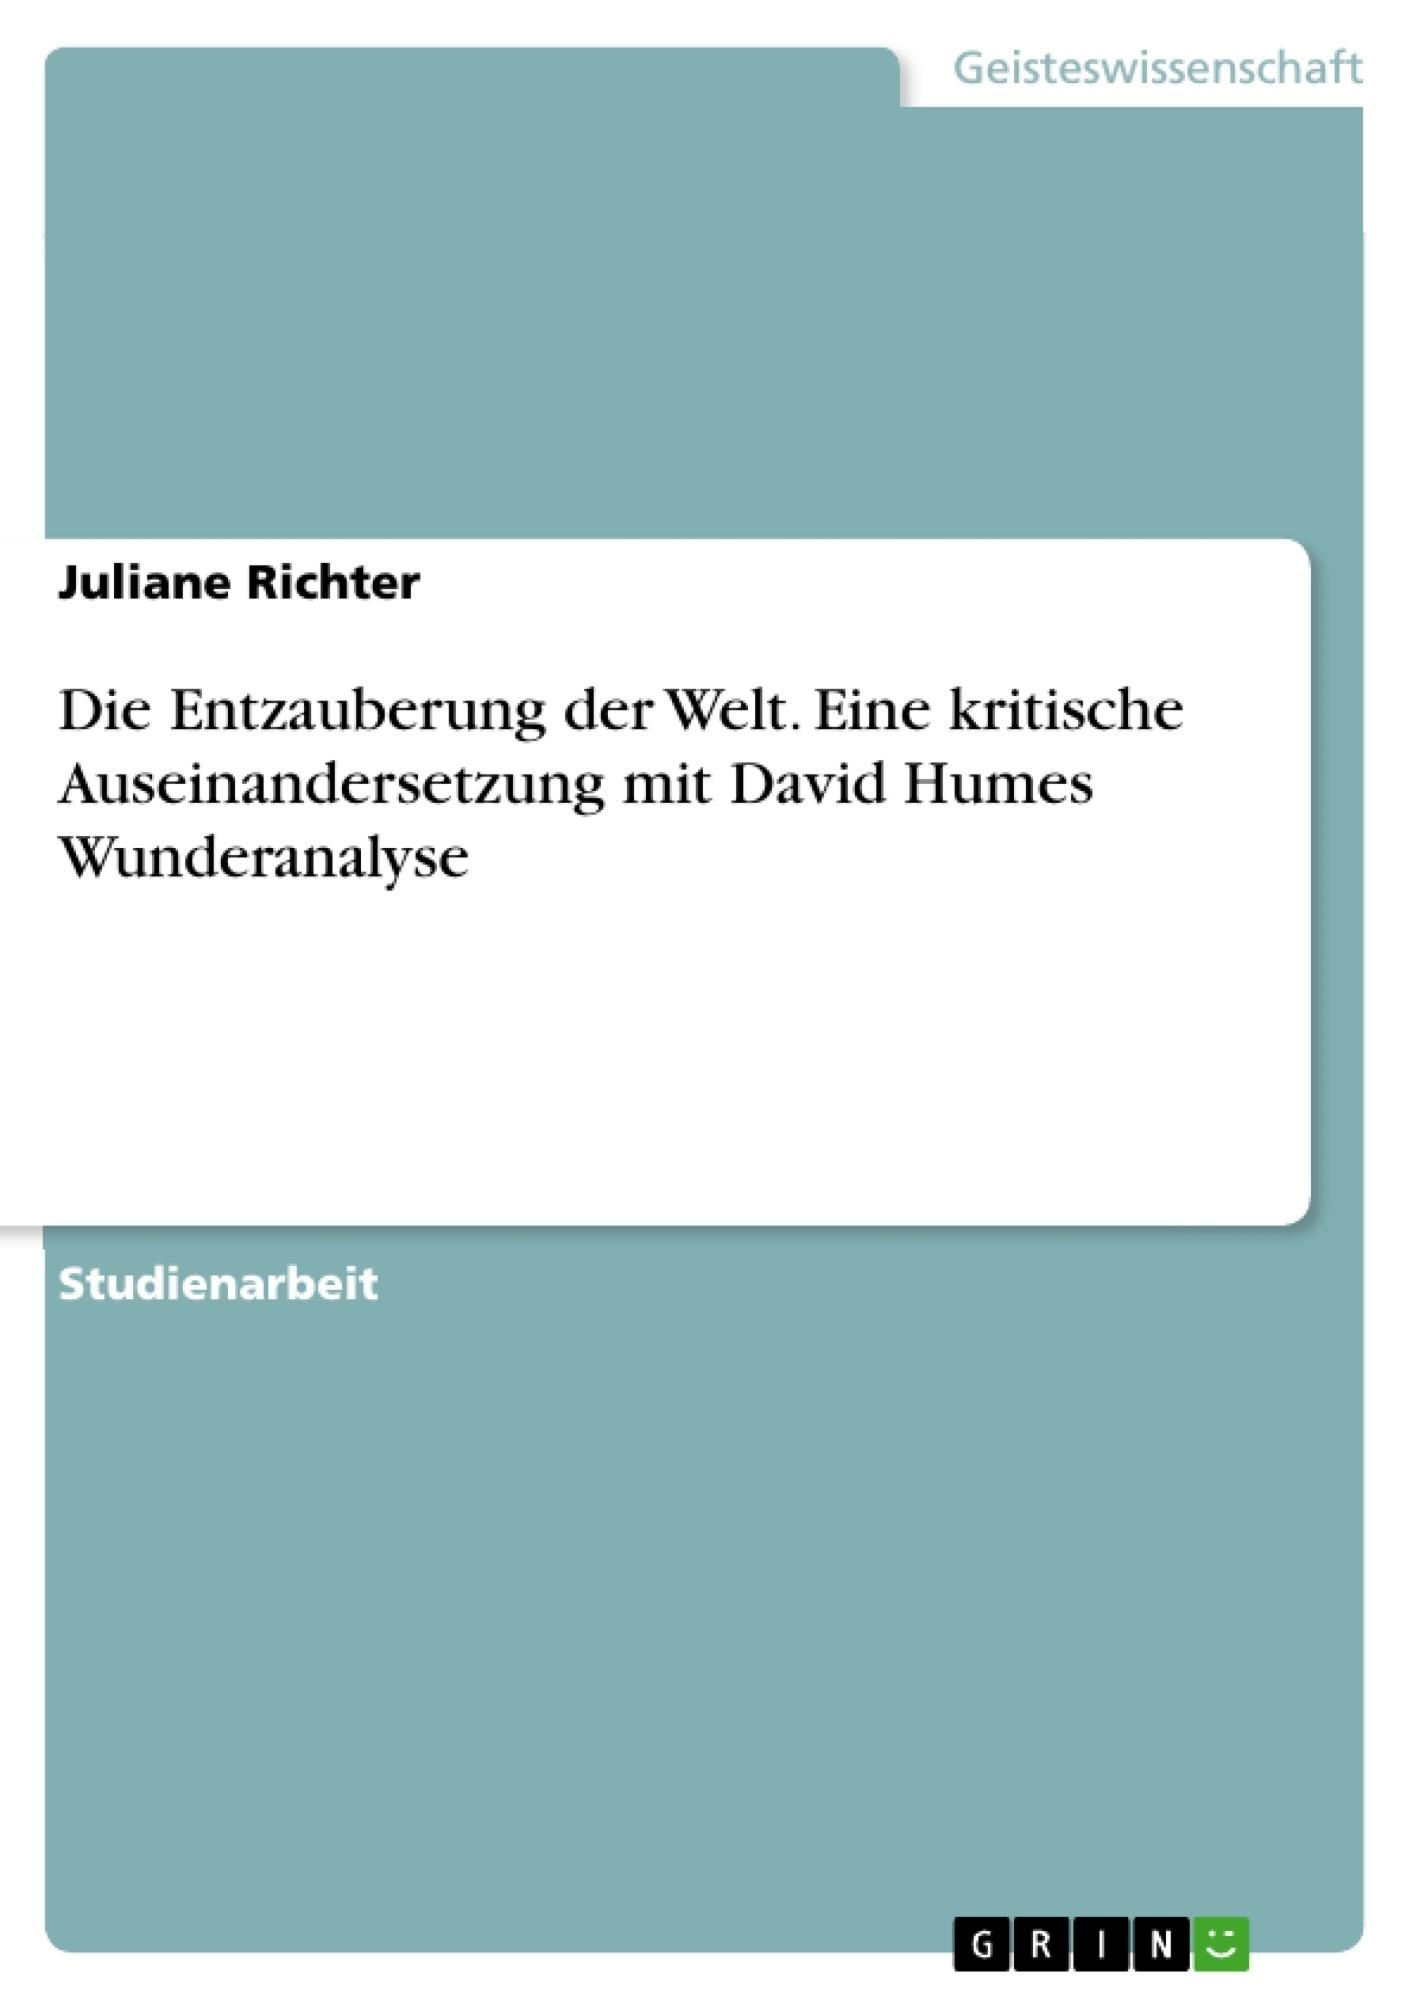 Titel: Die Entzauberung der Welt. Eine kritische Auseinandersetzung mit David Humes Wunderanalyse